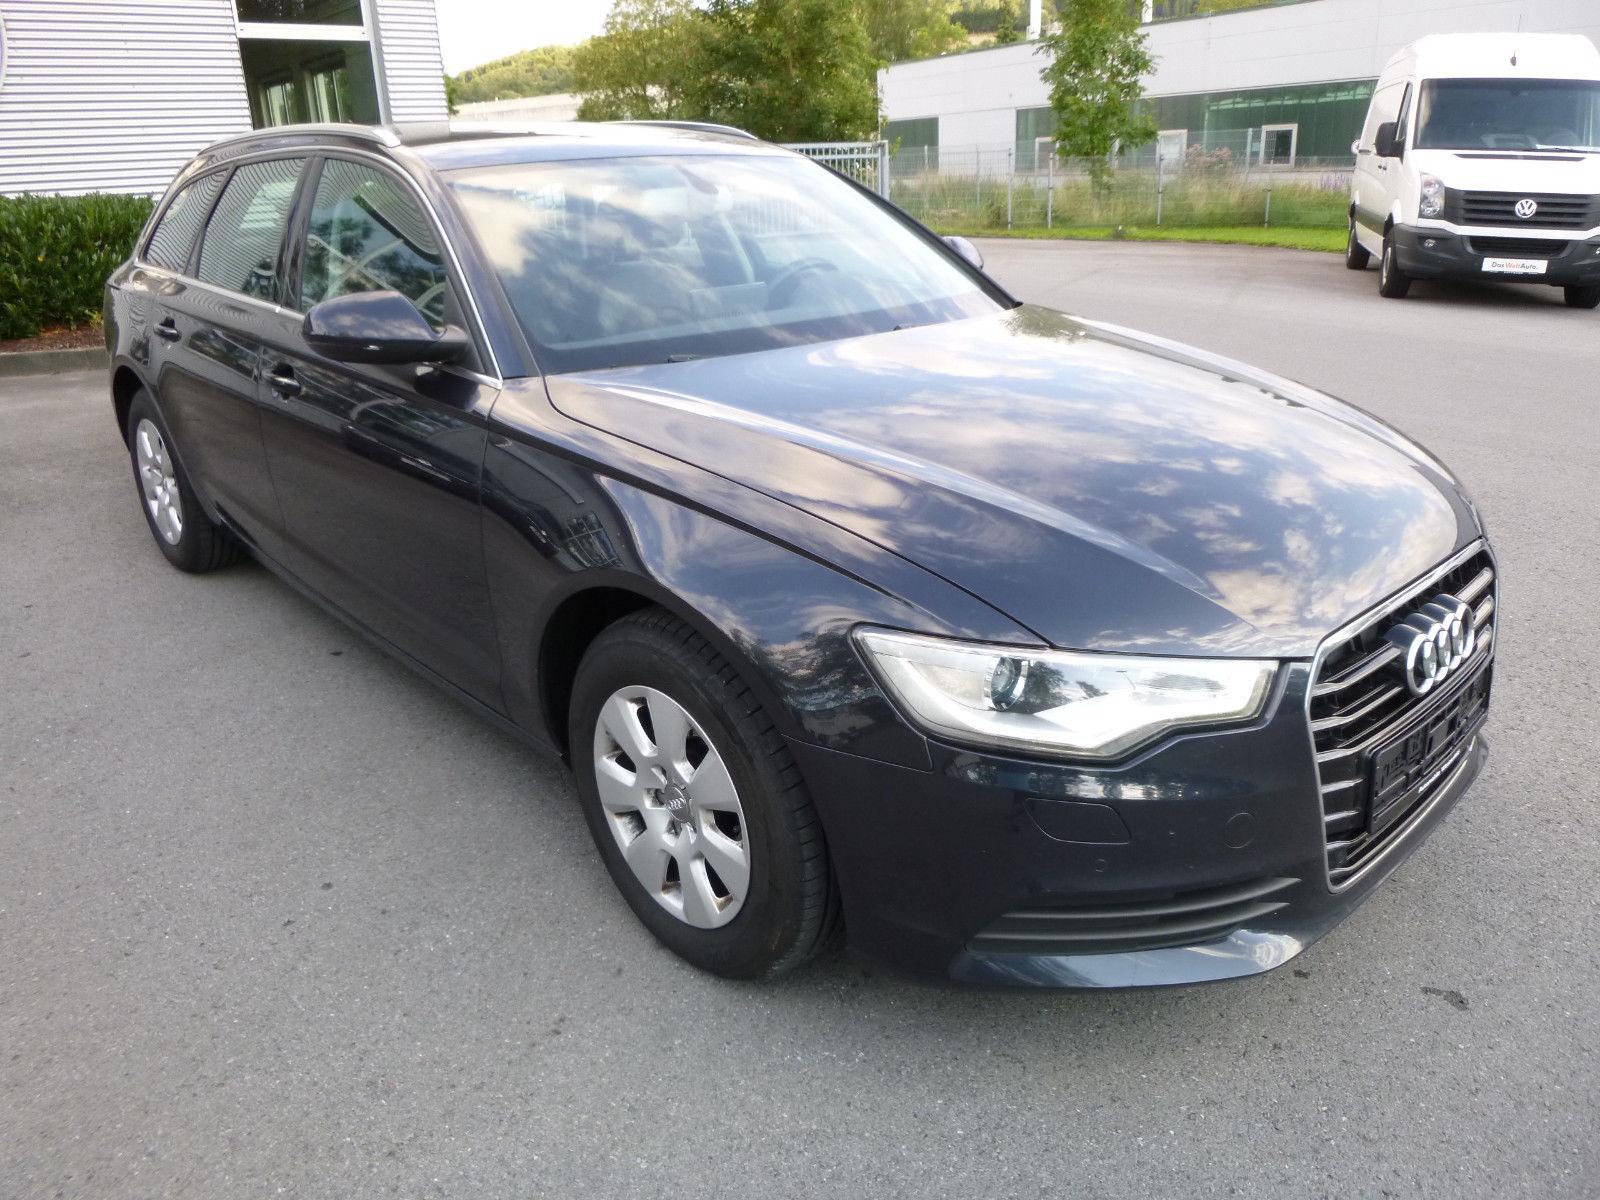 Покупка на кола от Германия -Ауди А6 2013-та, 2.0 TDI, 177 к.с.; 09.09.2017 Галерия (2)